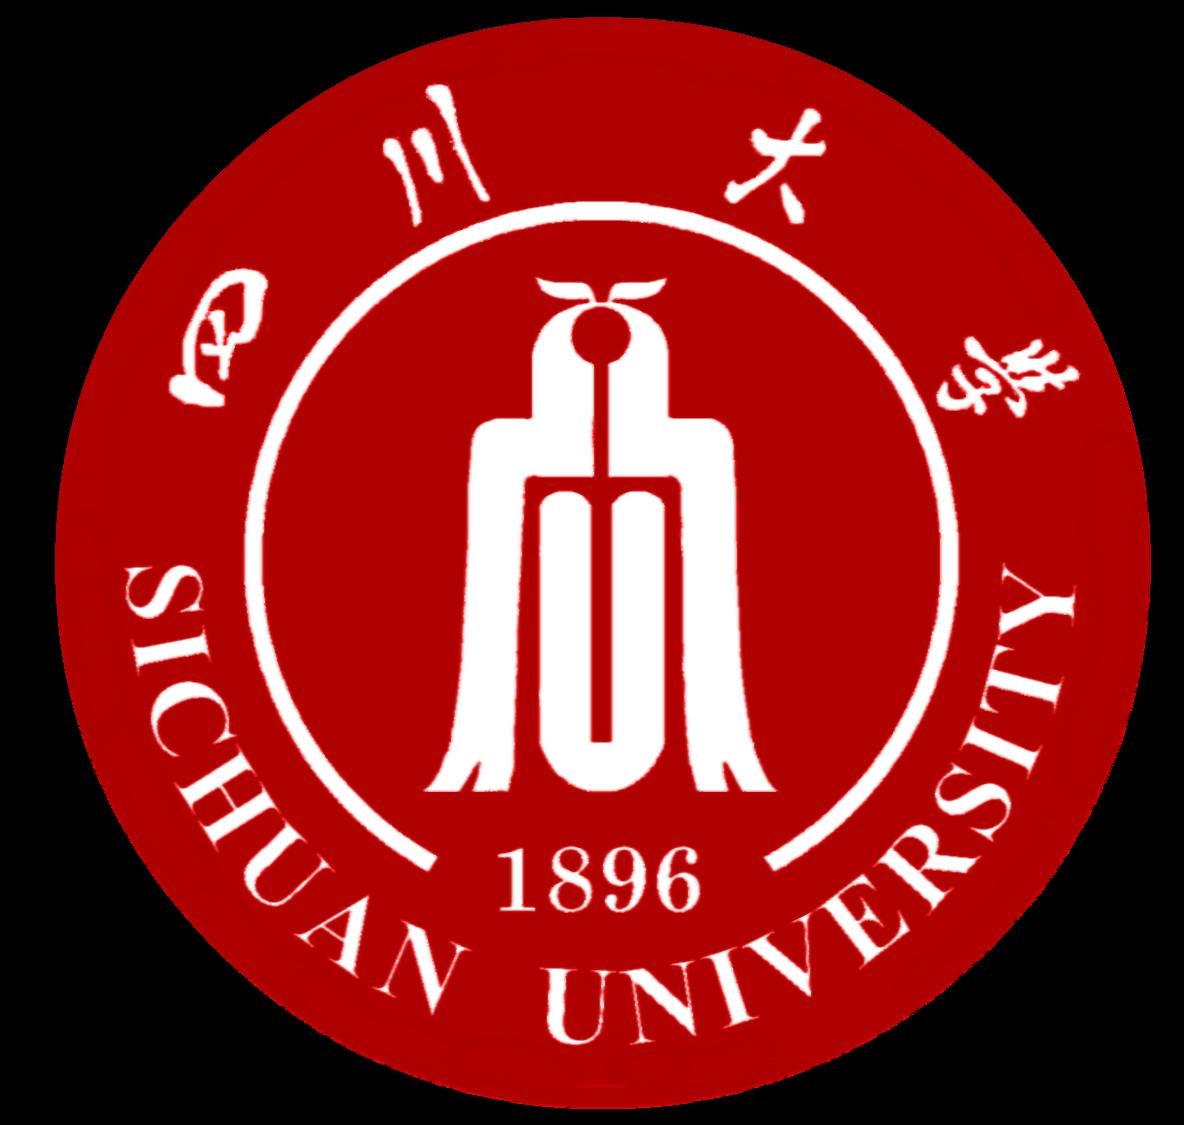 大学校徽大全 中国石油大学( 华东 ) 华东交通大学选址于图片